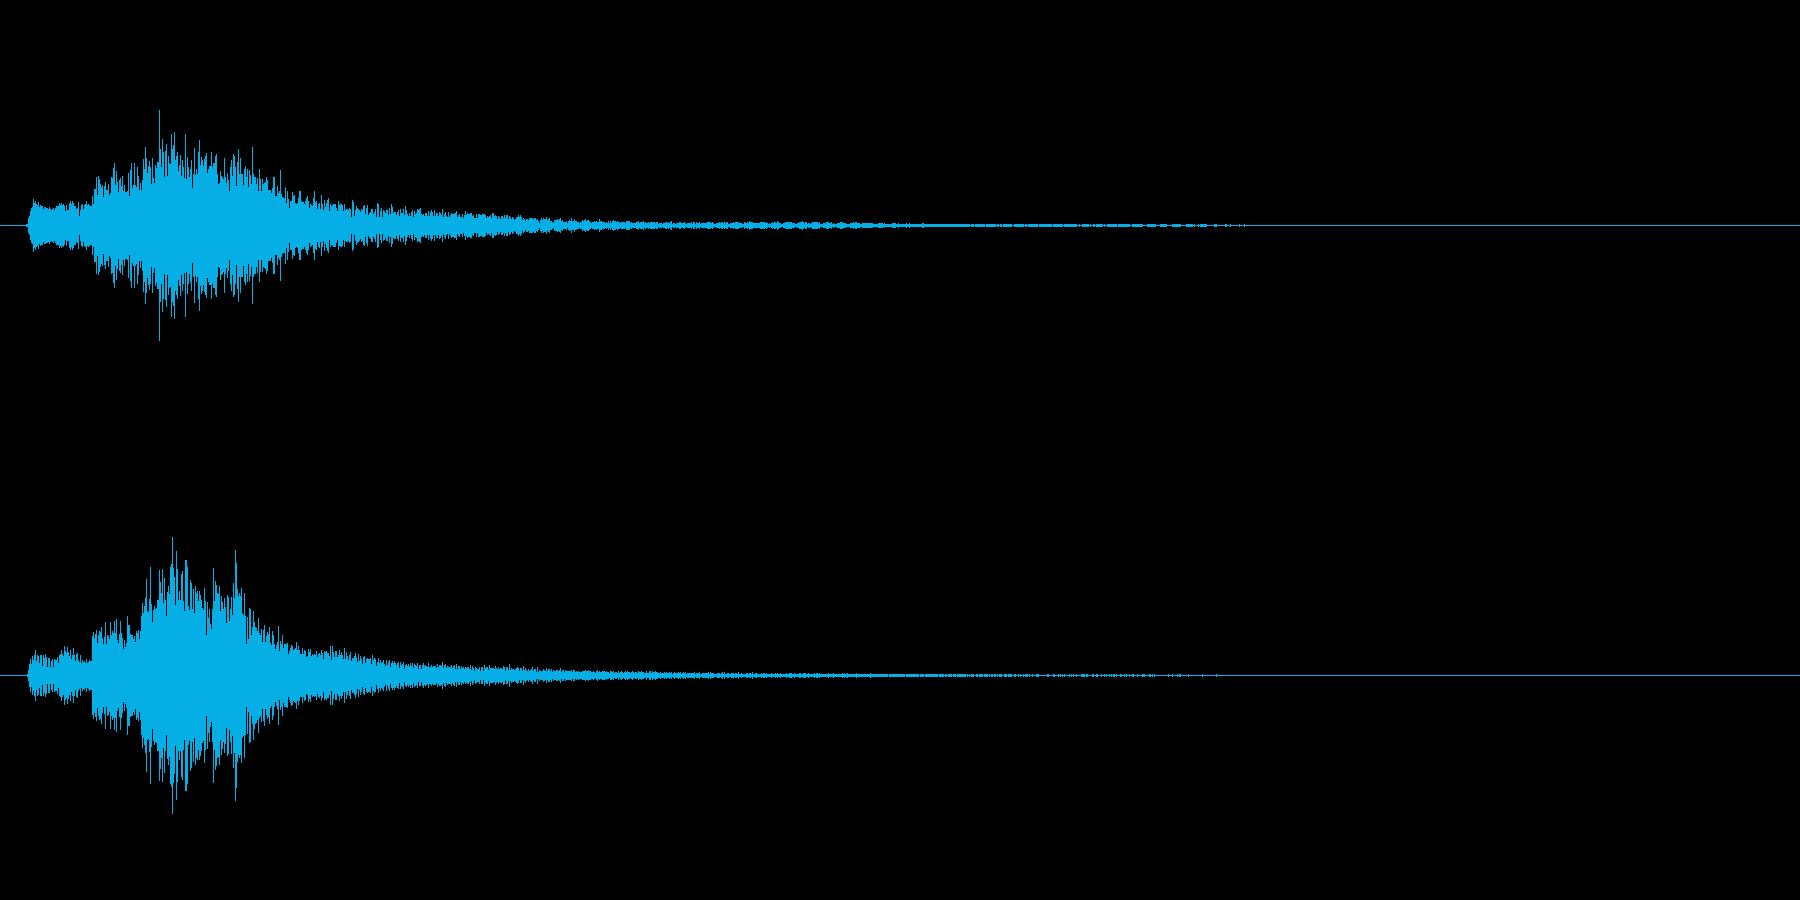 琴、陰施法、上昇スケールジングルの再生済みの波形